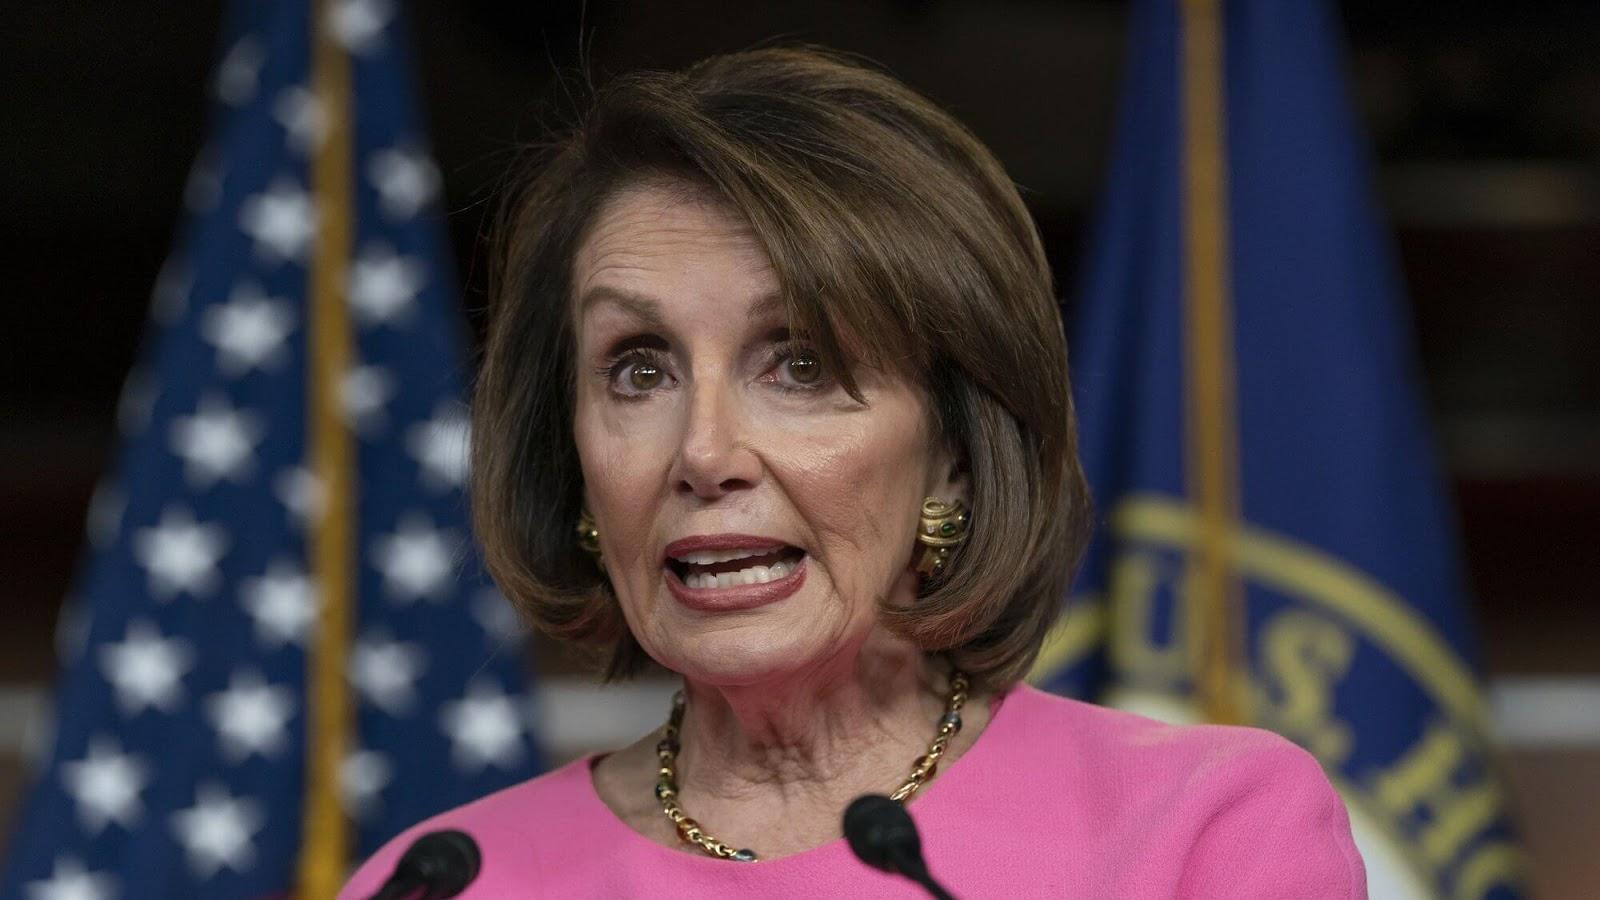 impeachment,trump,democrats,crazy,don,white house,thursday,nancy,reporters,amendment